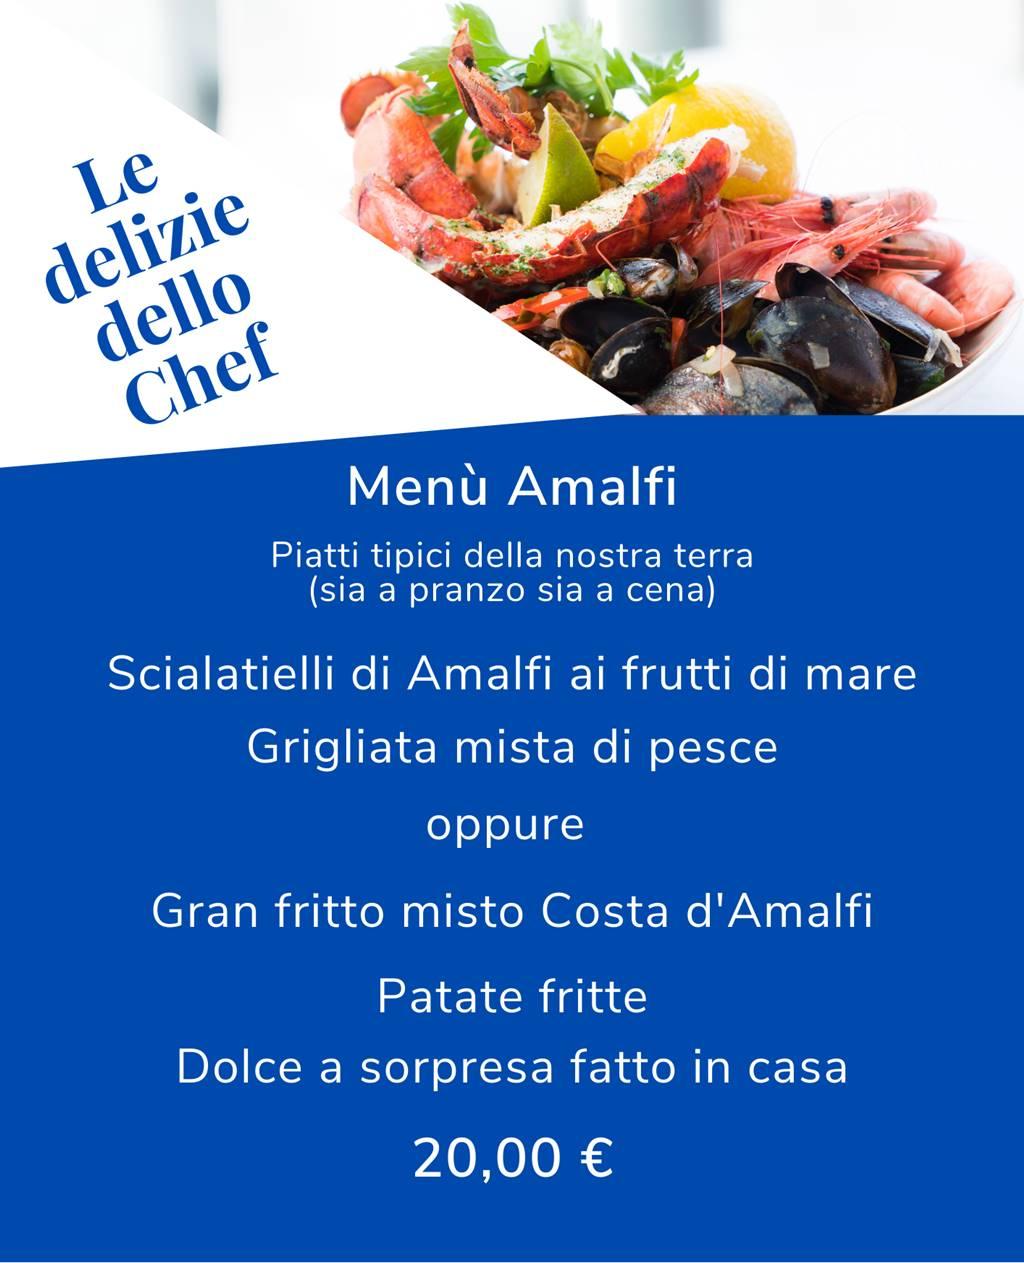 Menù Amalfi_no_footer